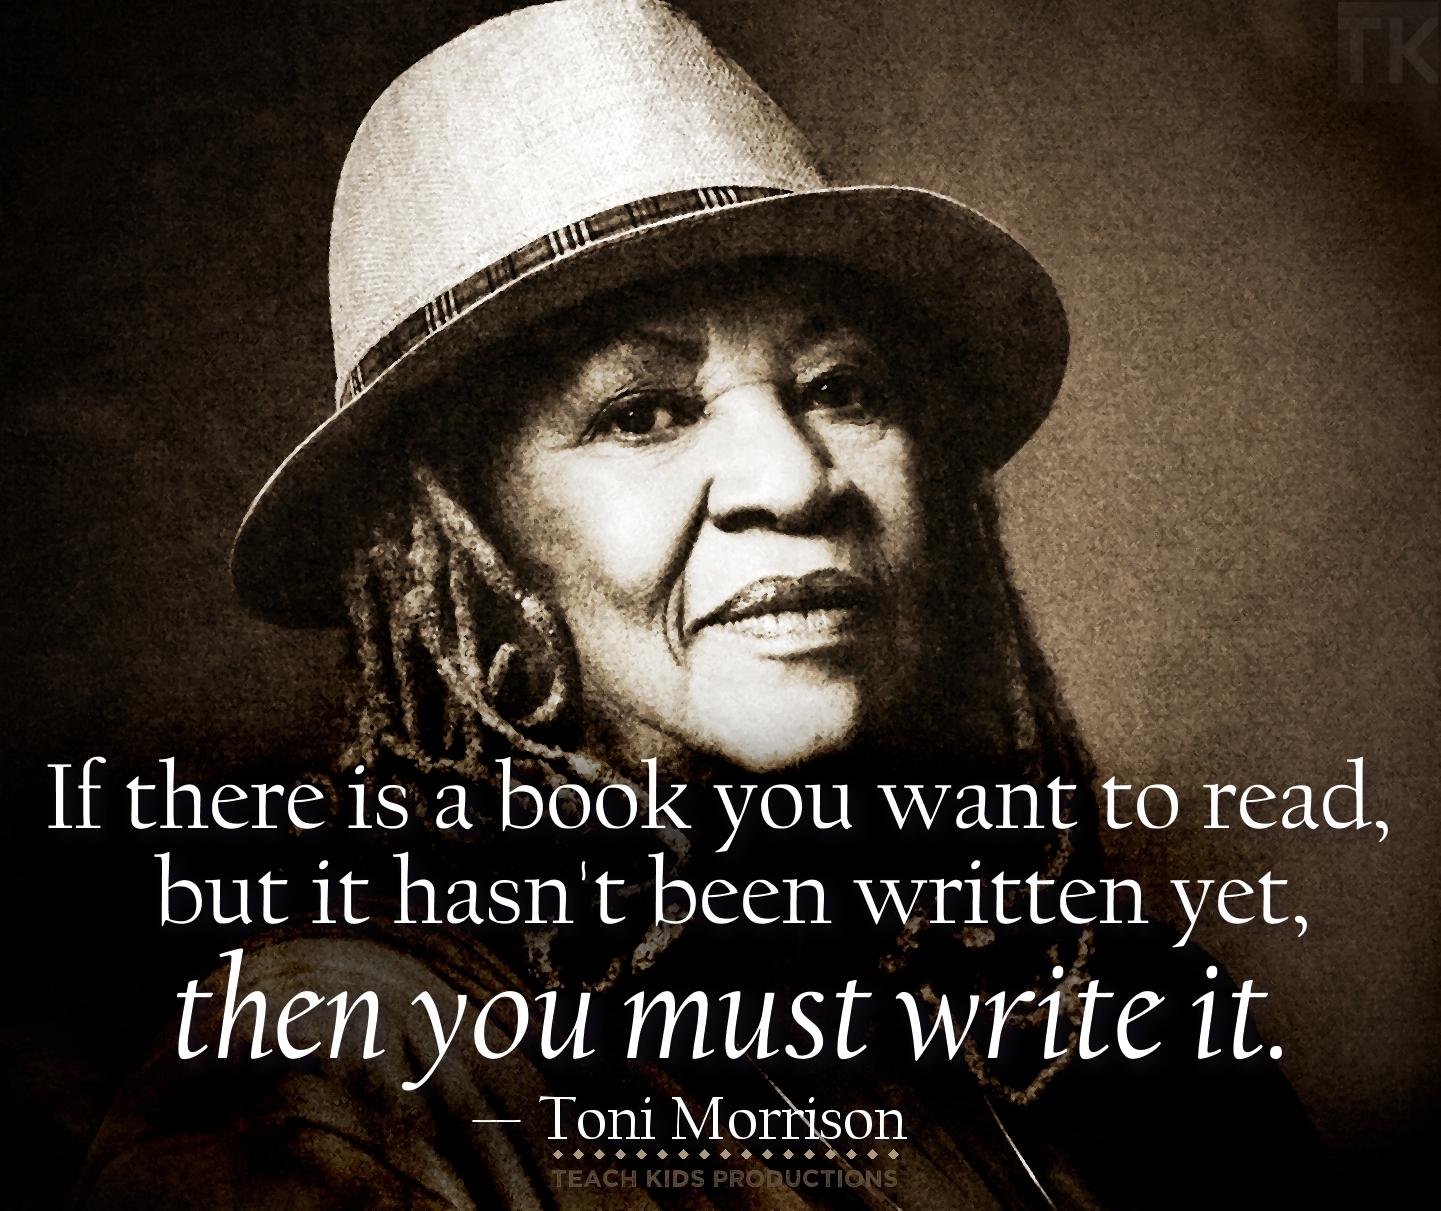 டோனி மொரிசனின் பிலவ்ட் (Beloved By Toni Morrison)  அயல்மொழி இலக்கியம்